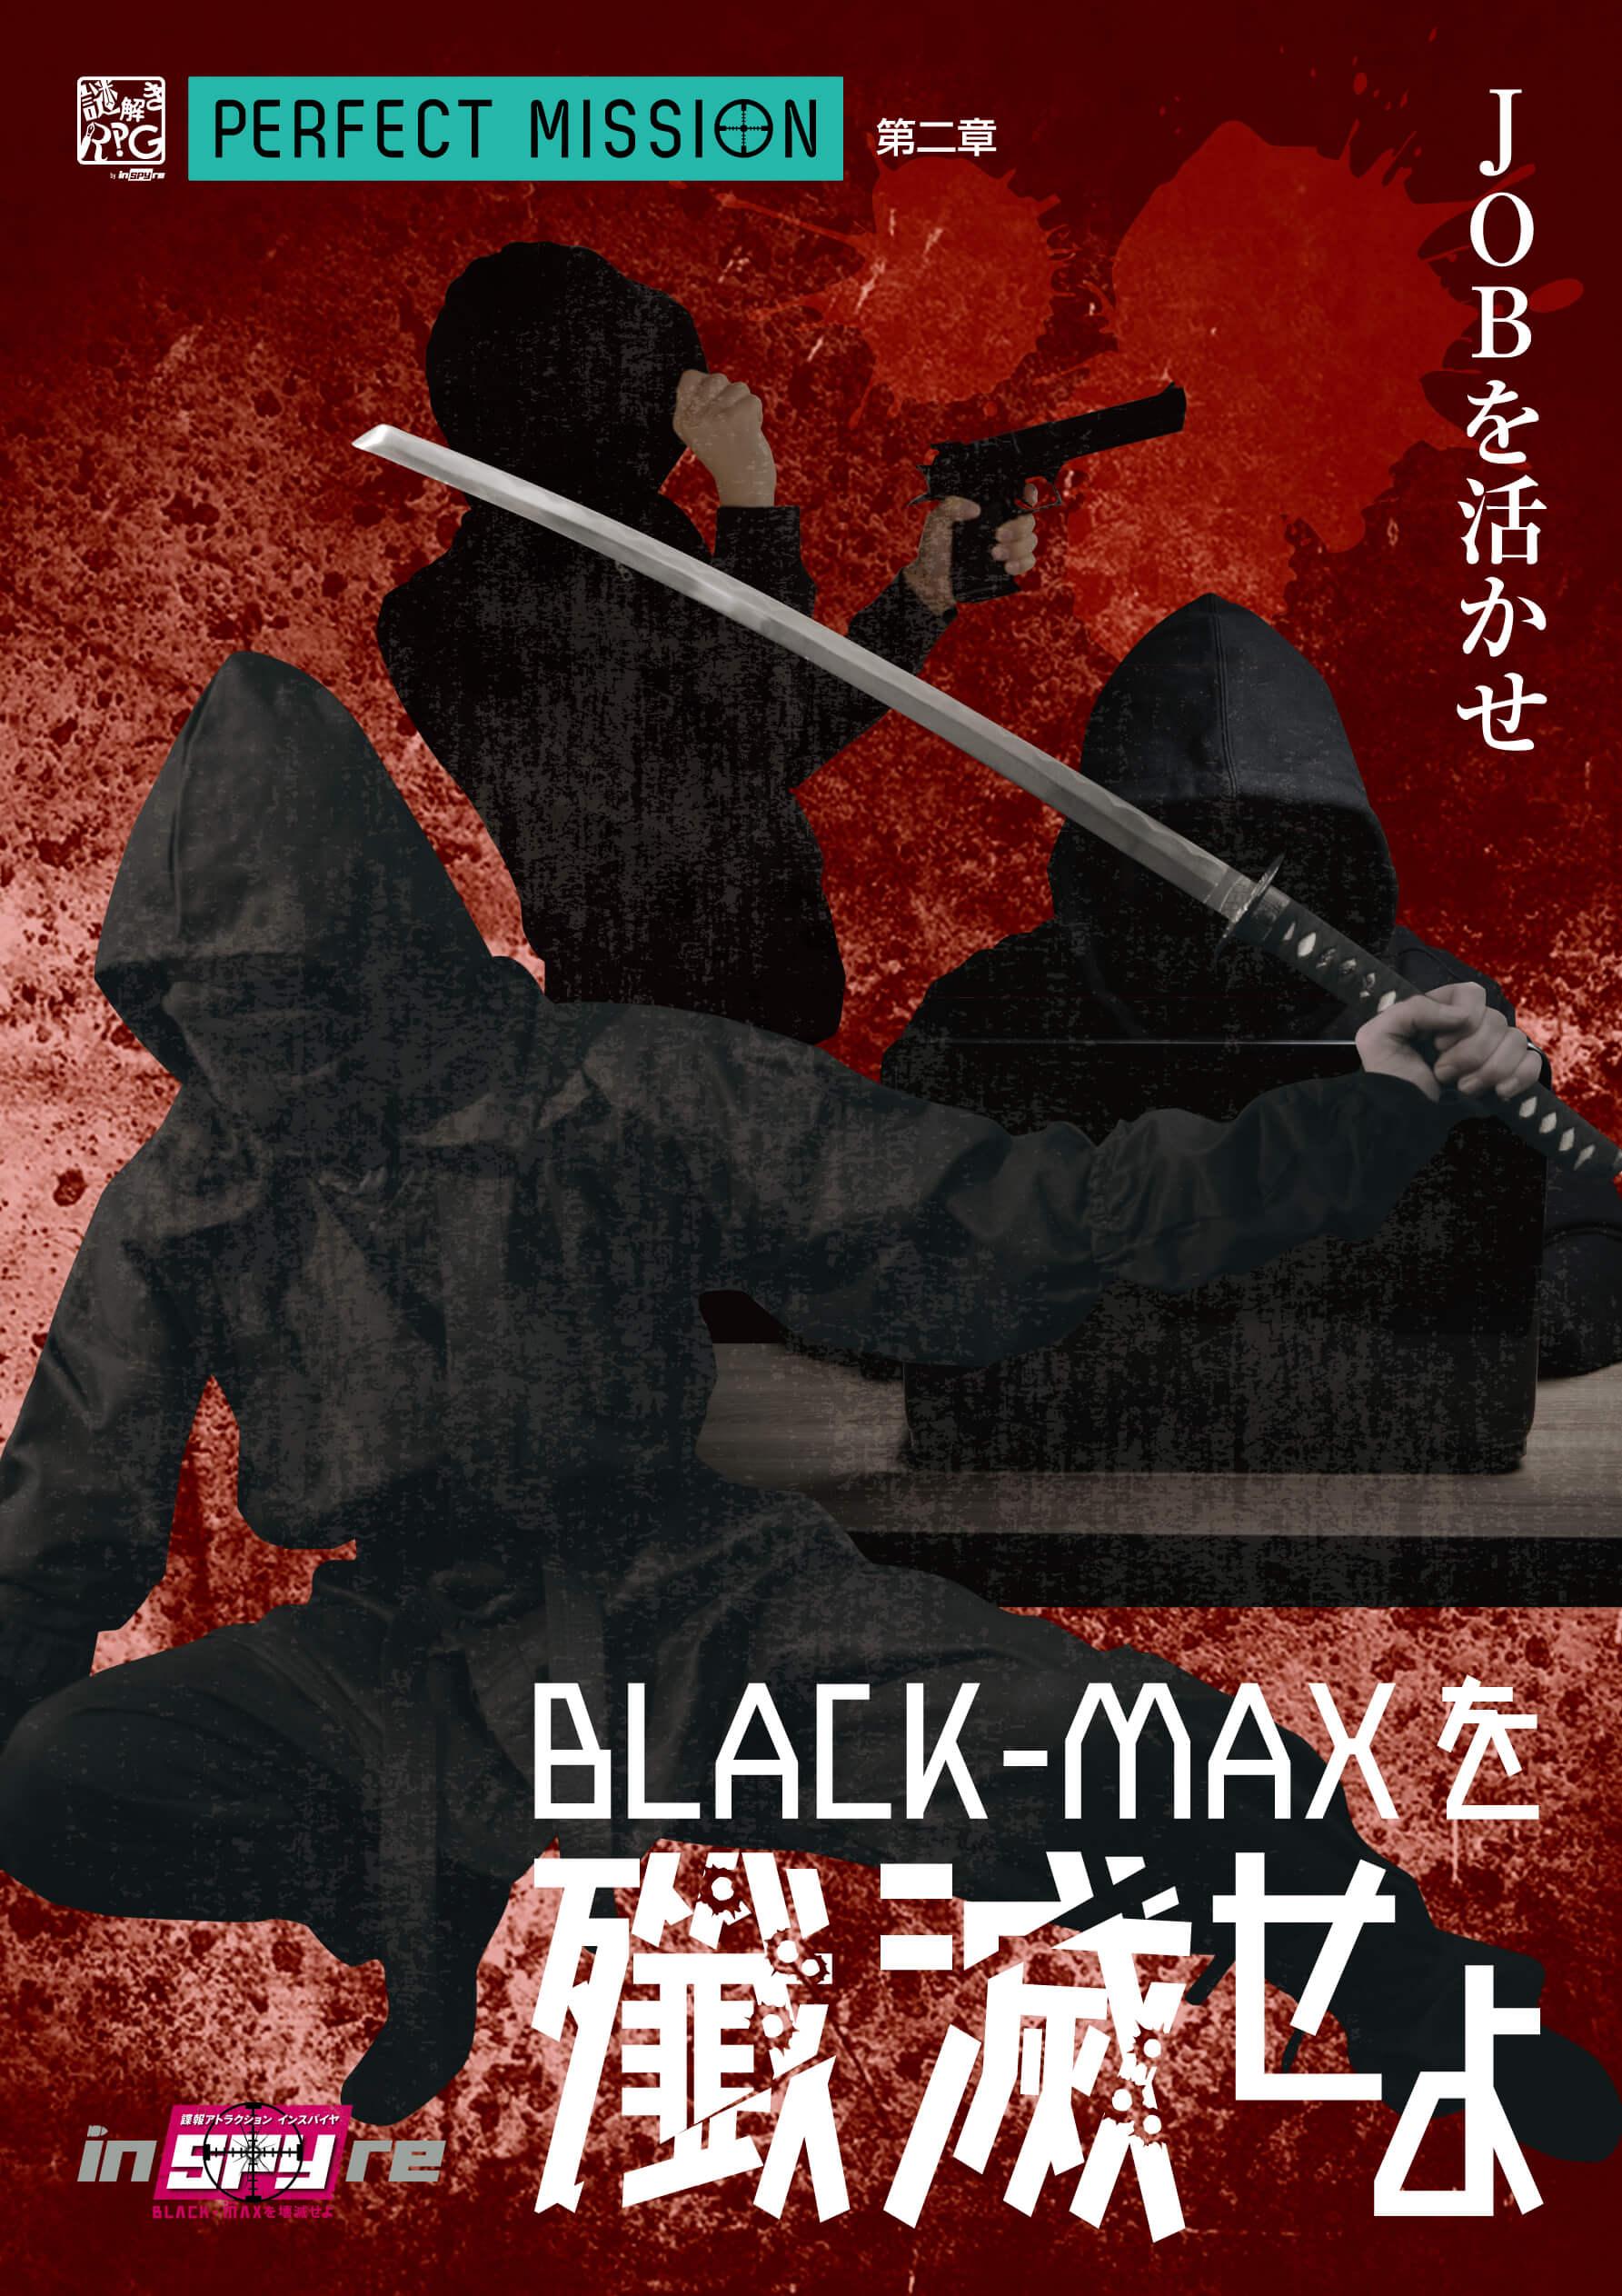 21日18:30回:PERFECT MISSION 第二章 BLACK-MAXを殲滅せよ